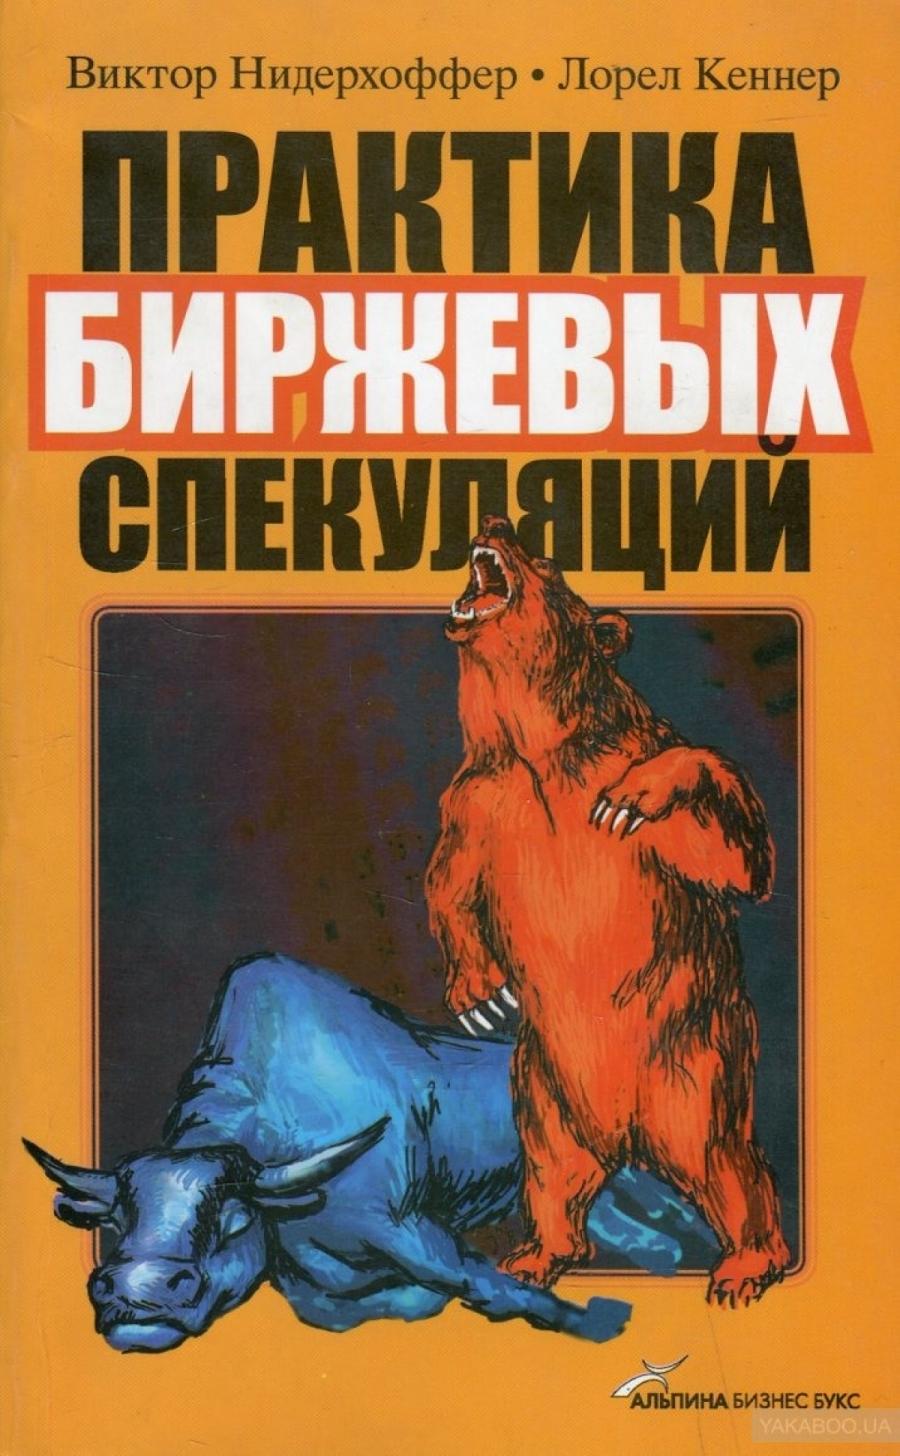 Обложка книги:  виктор нидерхоффер, лорел кеннер - практика биржевых спекуляций